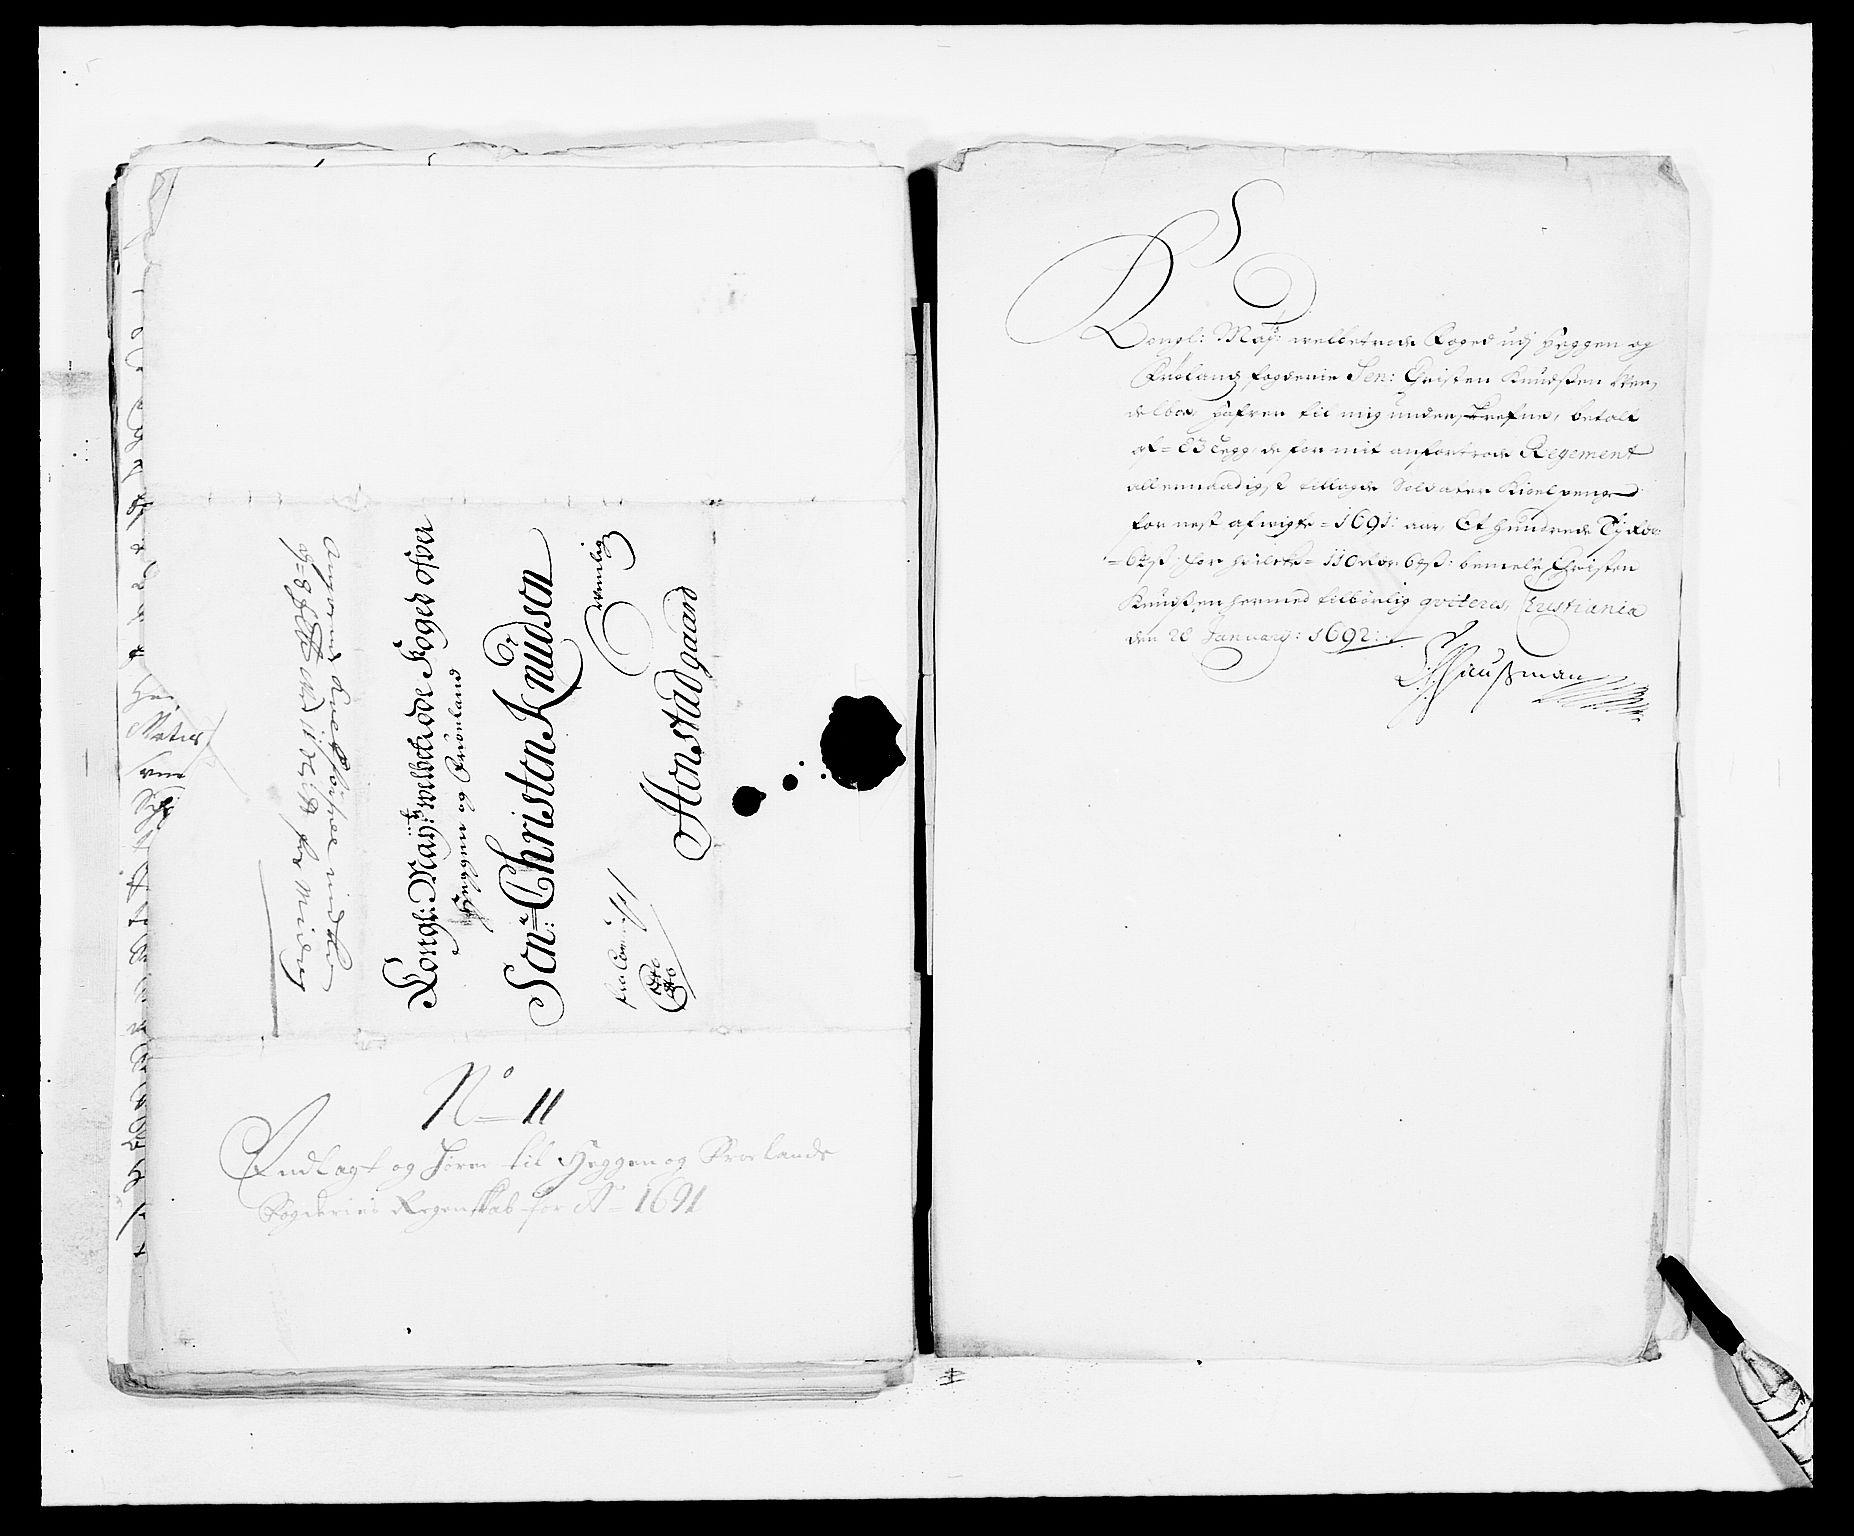 RA, Rentekammeret inntil 1814, Reviderte regnskaper, Fogderegnskap, R06/L0283: Fogderegnskap Heggen og Frøland, 1691-1693, s. 112